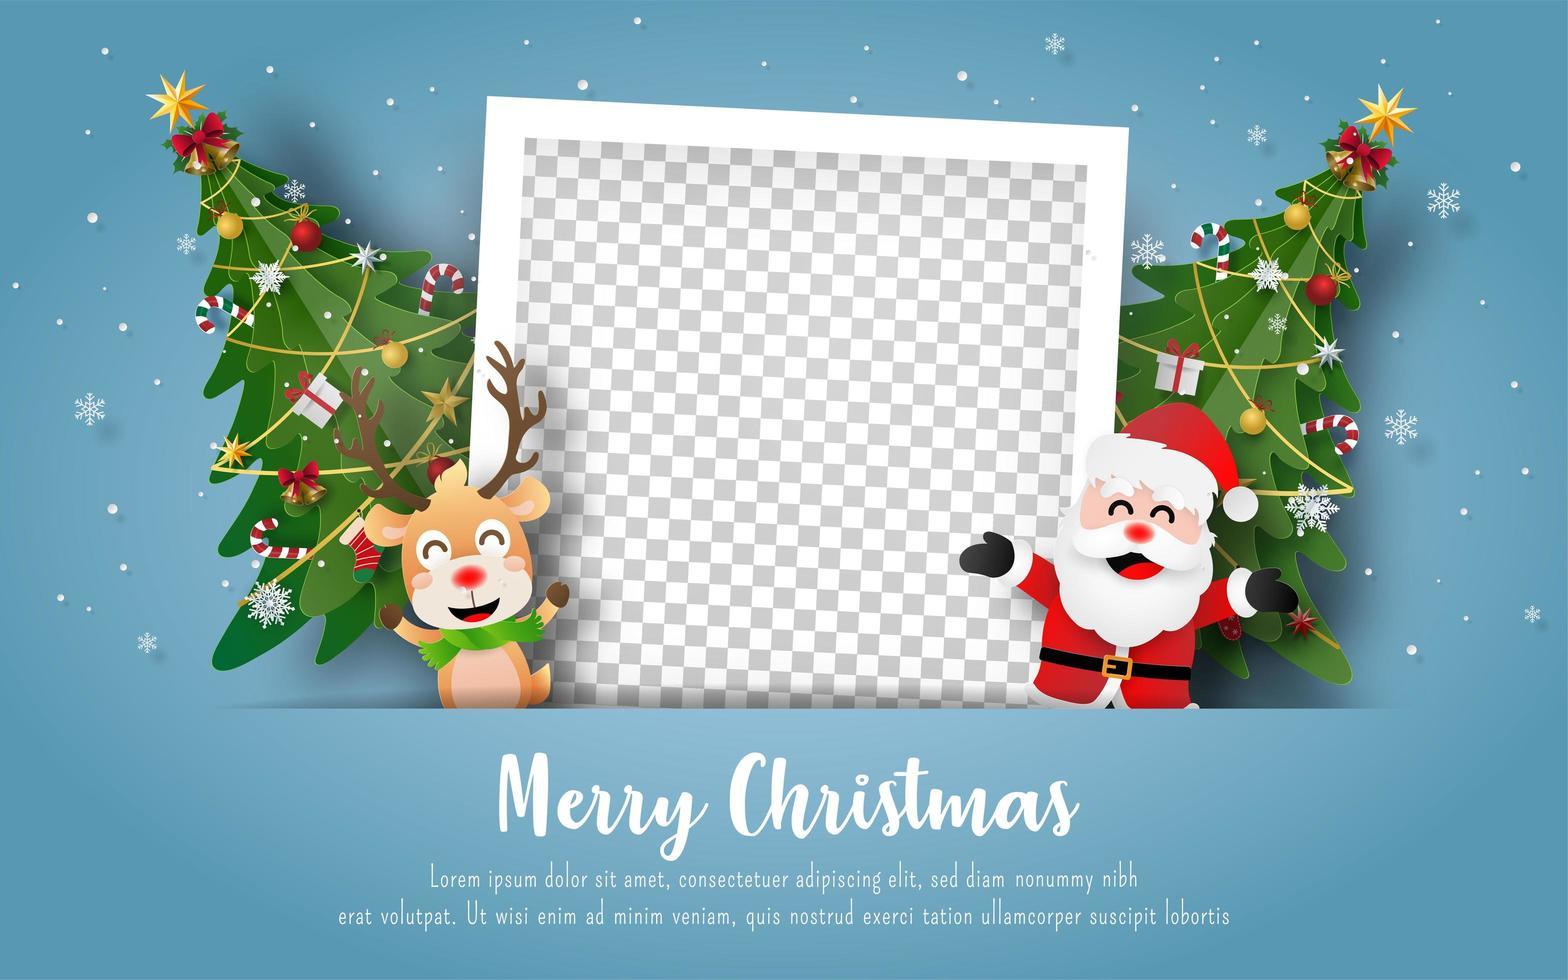 Weihnachtspostkarte mit Weihnachtsmann, Rentier und leerem Fotorahmen vektor